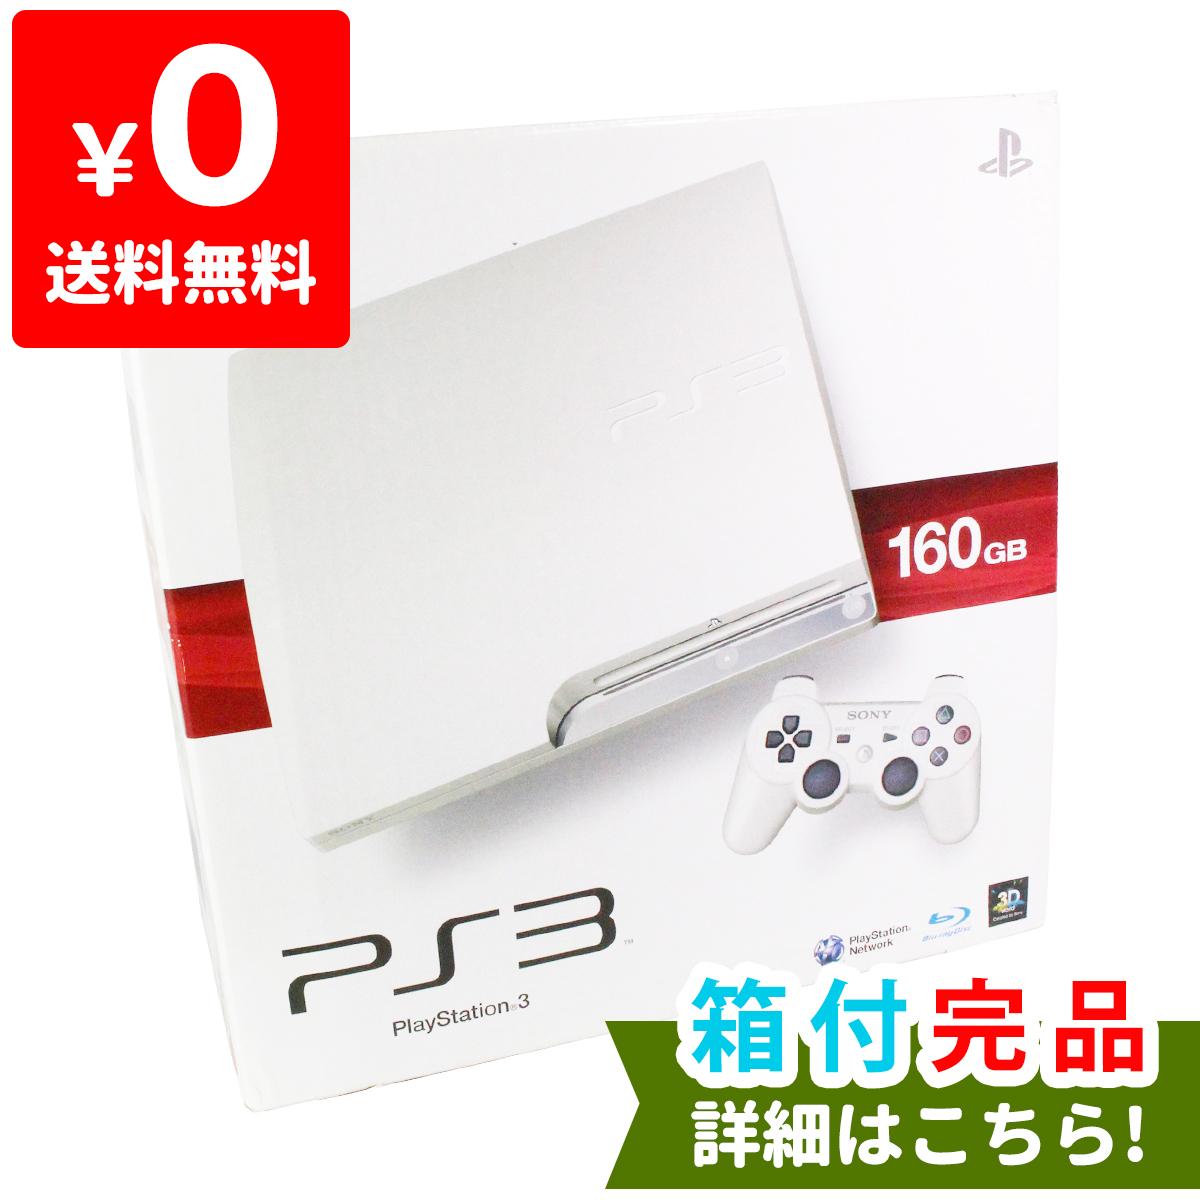 PS3 プレステ3 PlayStation 3 (160GB) クラシック・ホワイト (CECH-2500ALW) SONY ゲーム機 中古 すぐ遊べるセット 完品 4948872412568 送料無料 【中古】